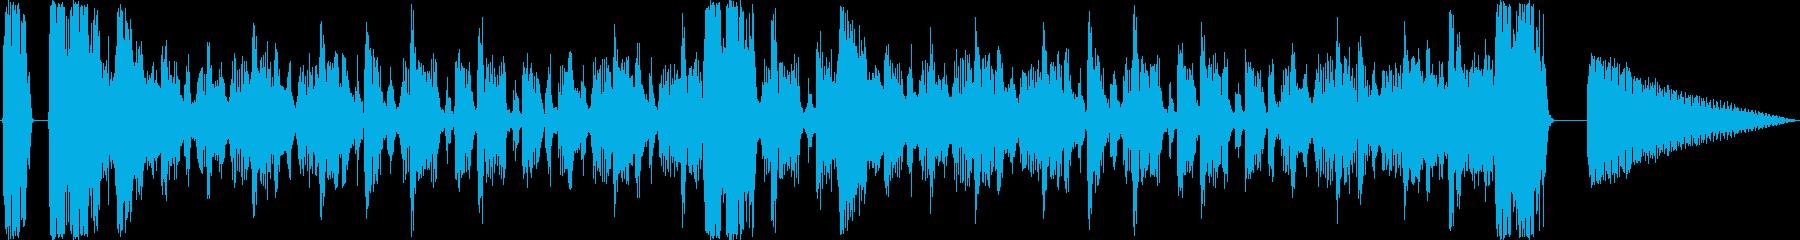 ドラムンベースです。緊迫、衝撃のシーンの再生済みの波形